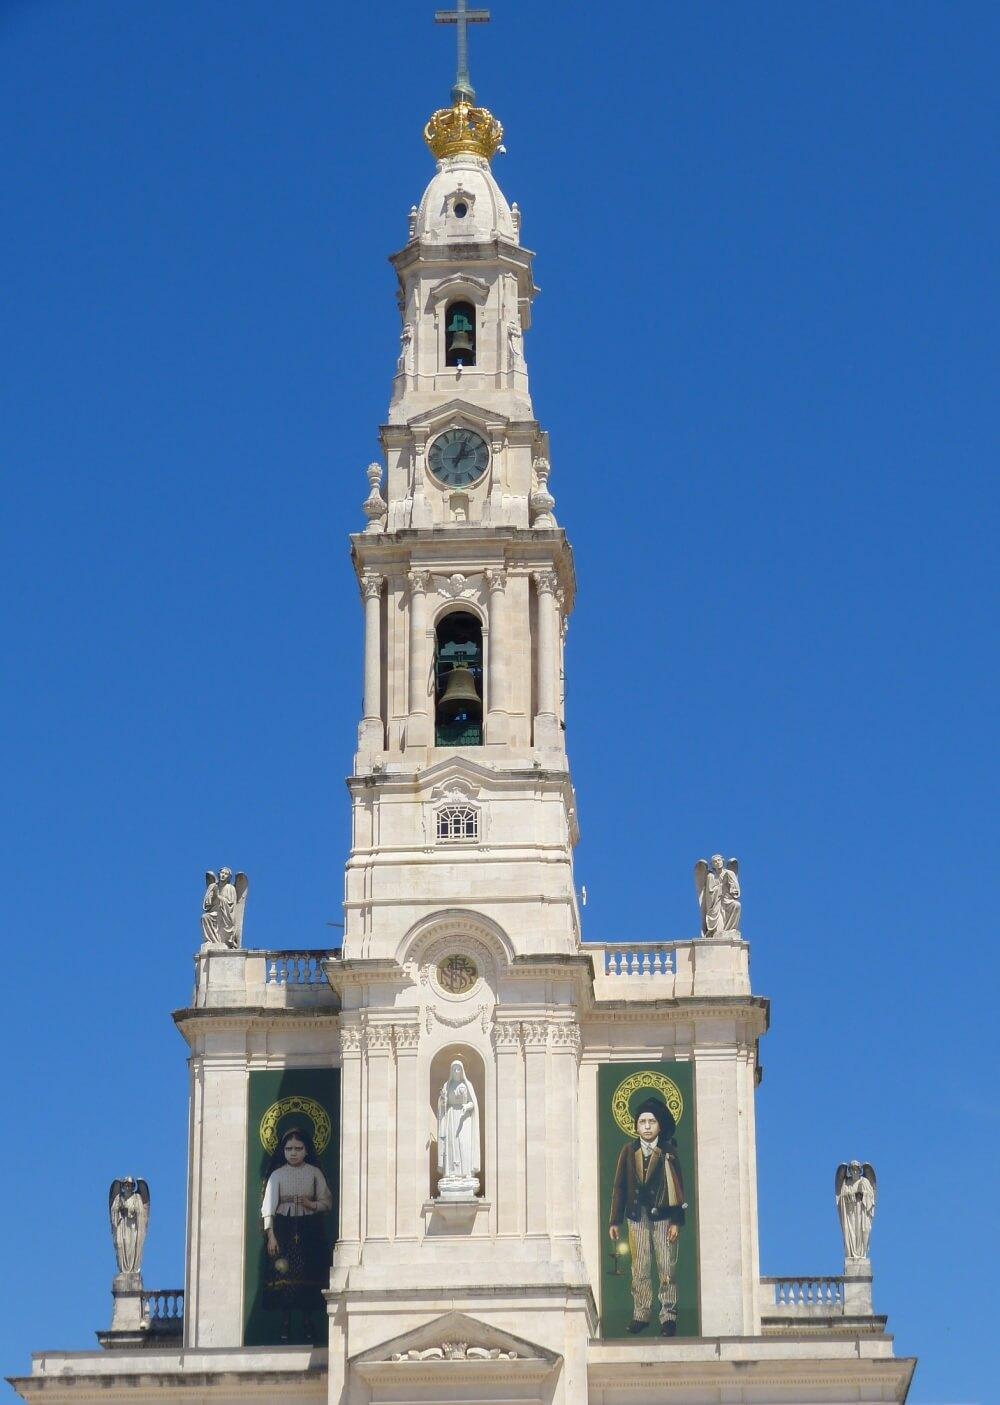 Our Lady of Fatima Church in Fatima, Portugal